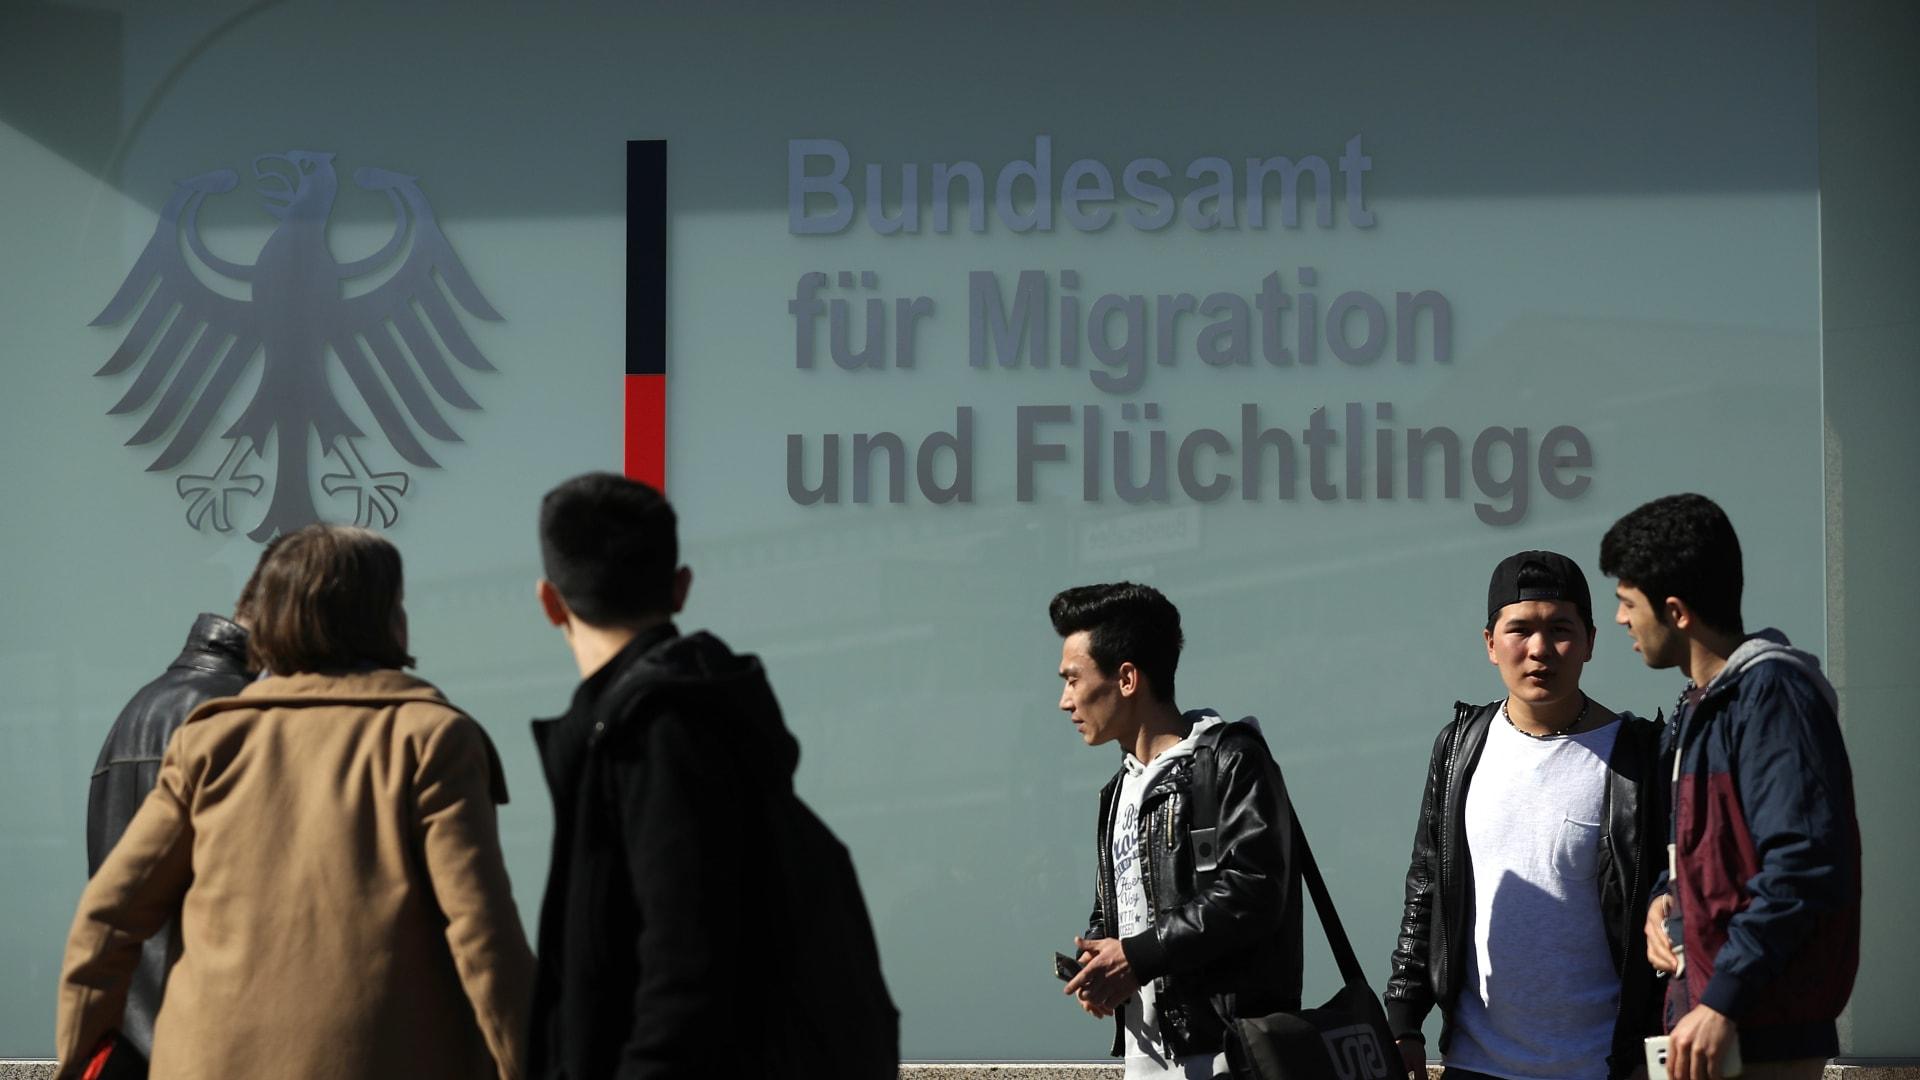 شباب من أفغانستان كانوا يصلون للمشاركة في مظاهرة ضد عمليات الترحيل يتجمعون بالقرب من المكتب الفيدرالي للمهاجرين واللاجئين في 27 مارس 2017 في برلين